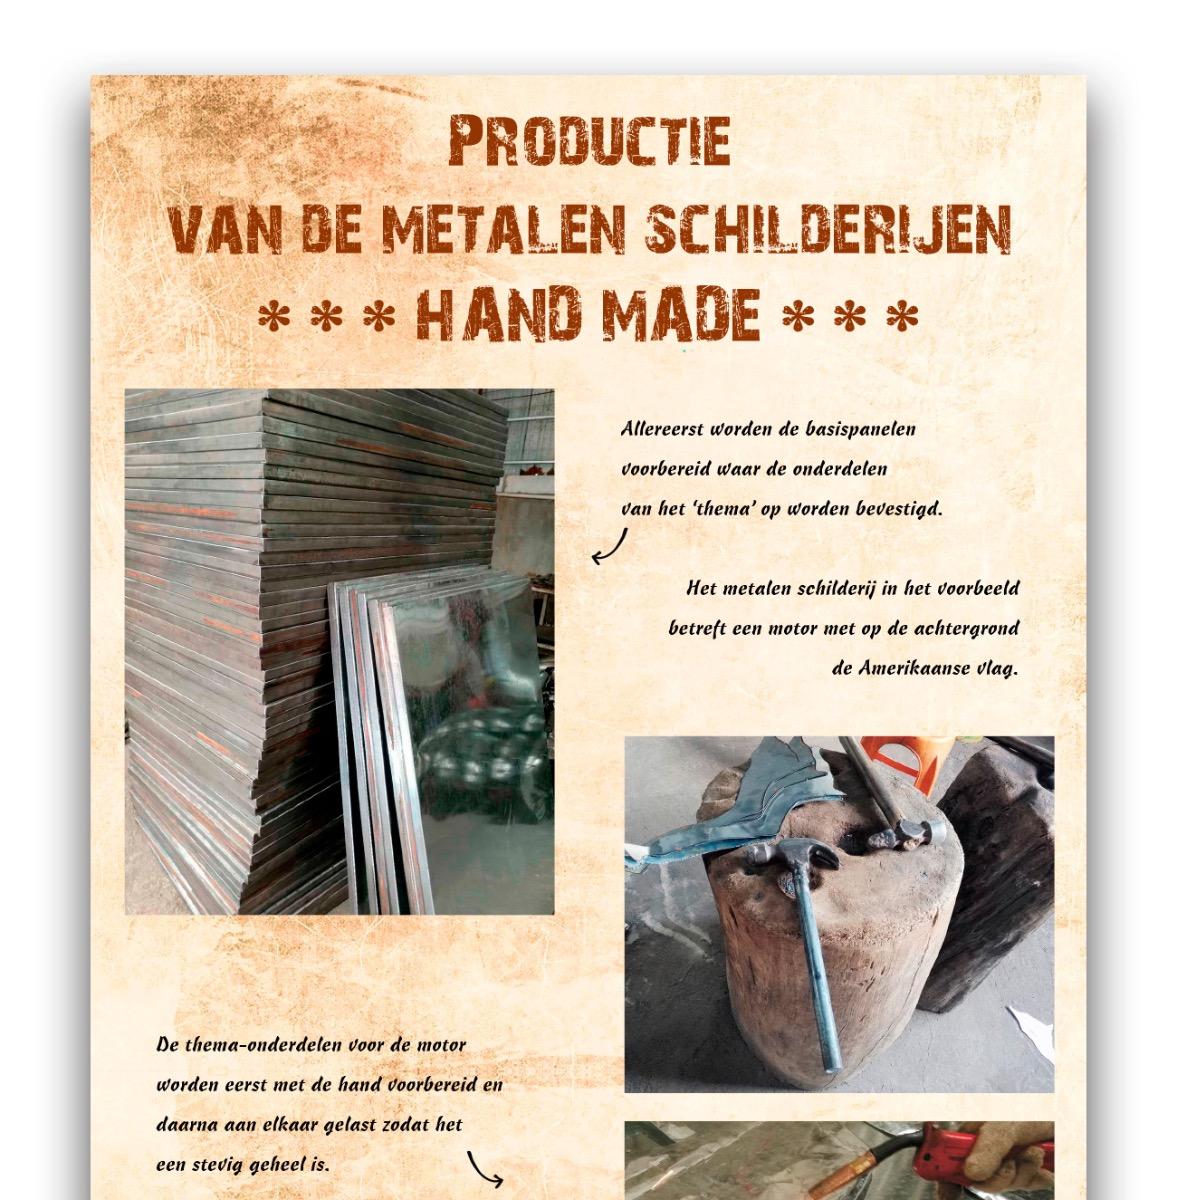 Productie metalen schilderijen